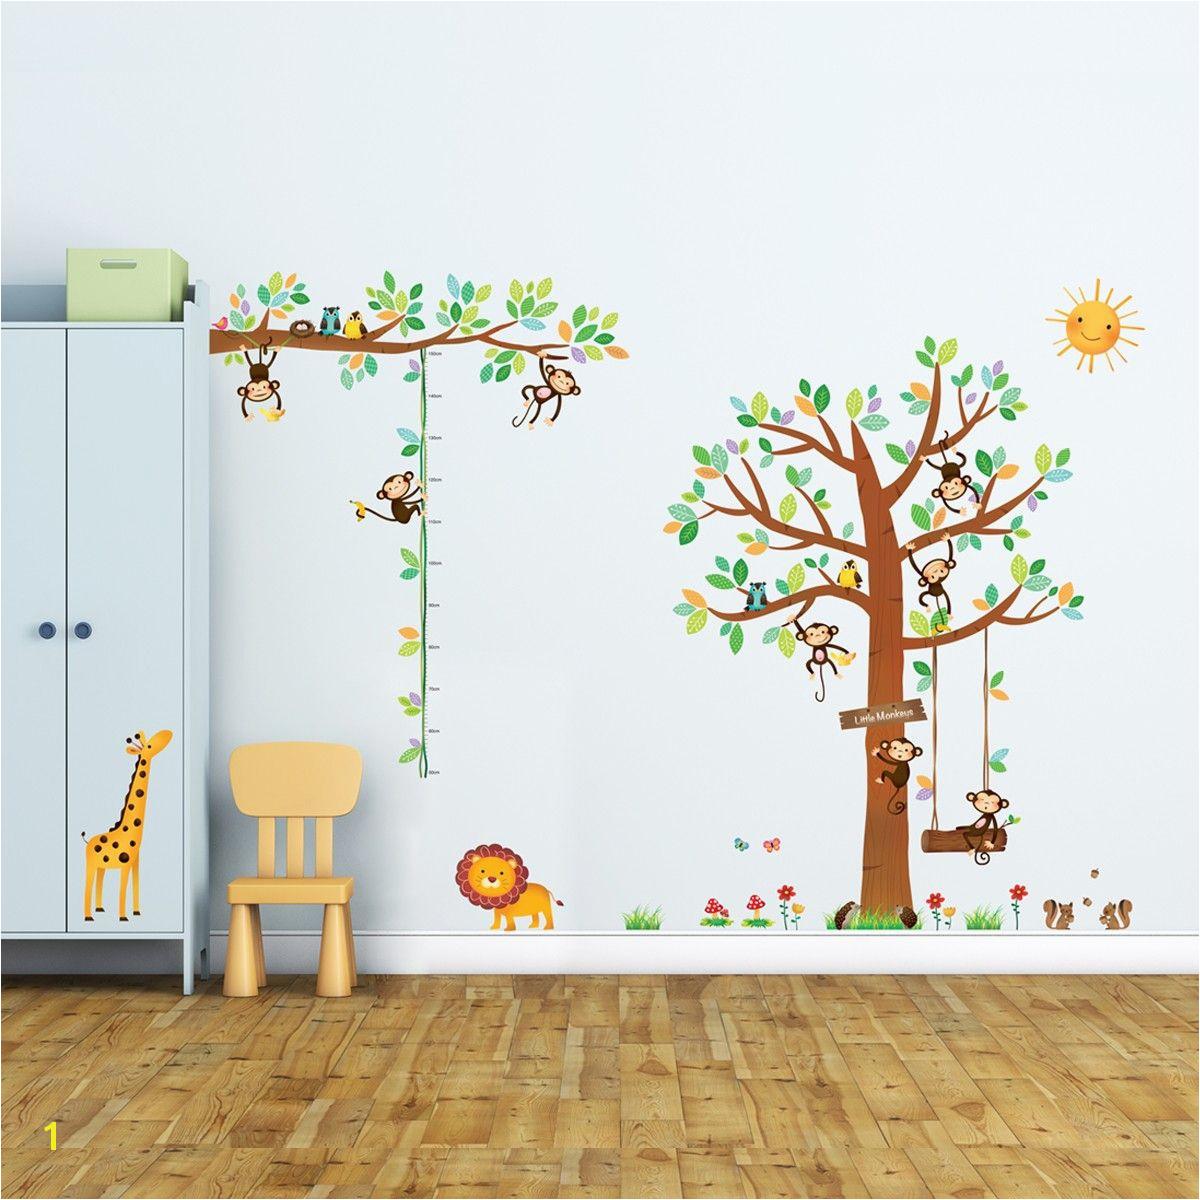 8 Little Monkeys Tree & Height Chart Wall Stickers